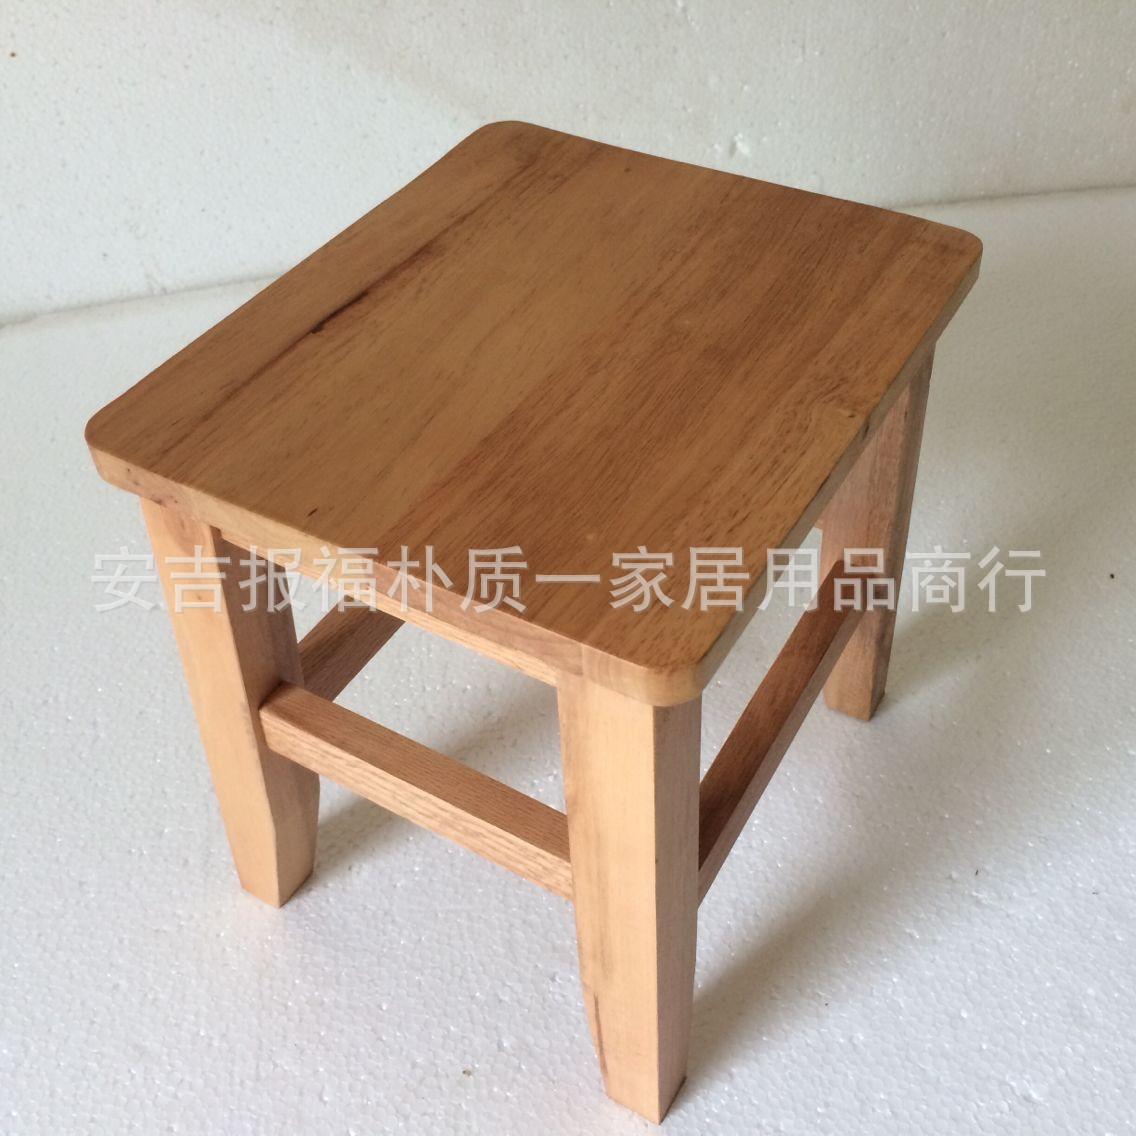 实木小板凳 木质方凳 实木小板凳 矮凳 换鞋凳 木质方凳 阿里巴巴